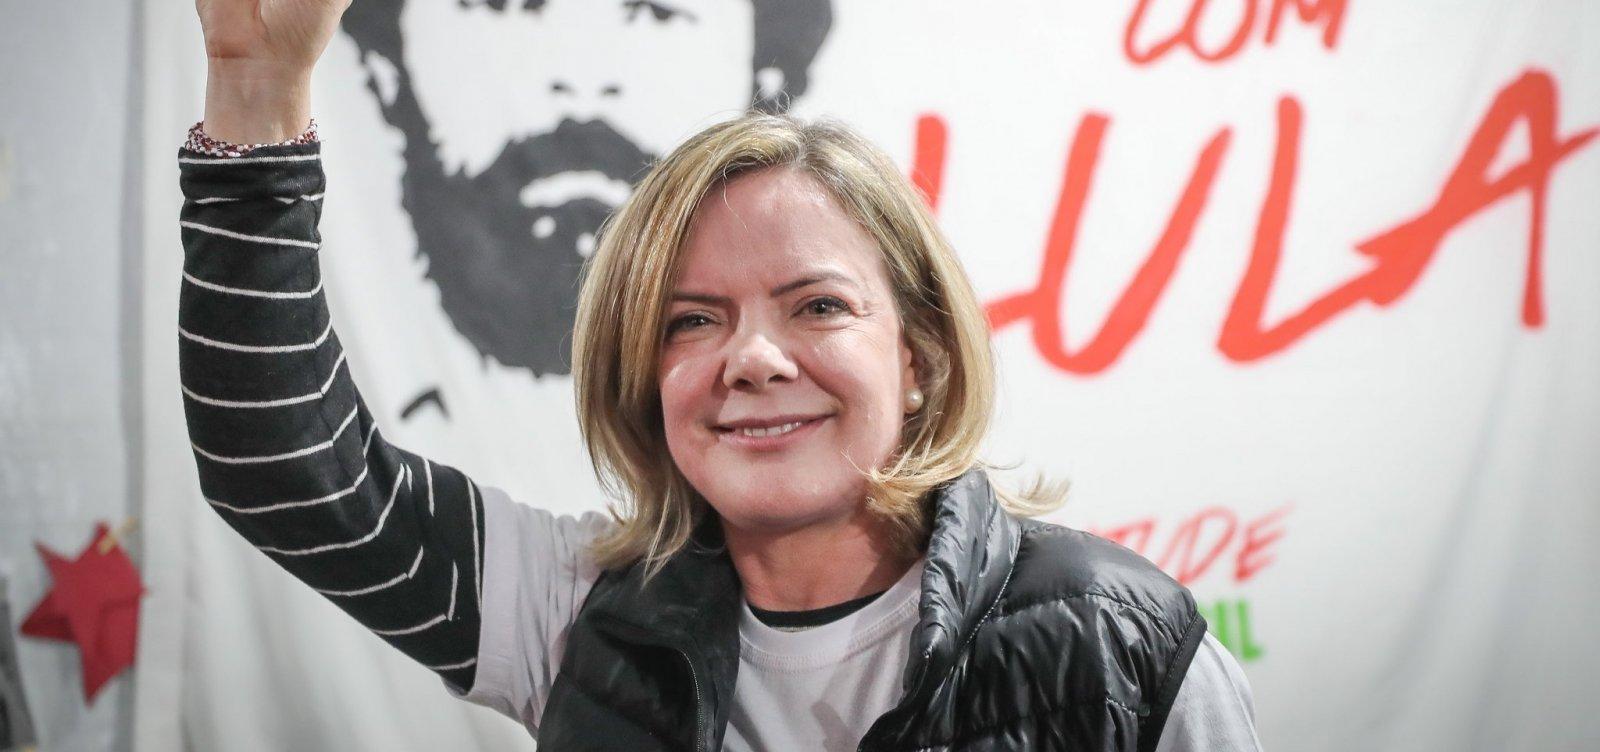 [Após aproximação de Lula, presidente do PT cobra pedido de desculpas de Ciro]